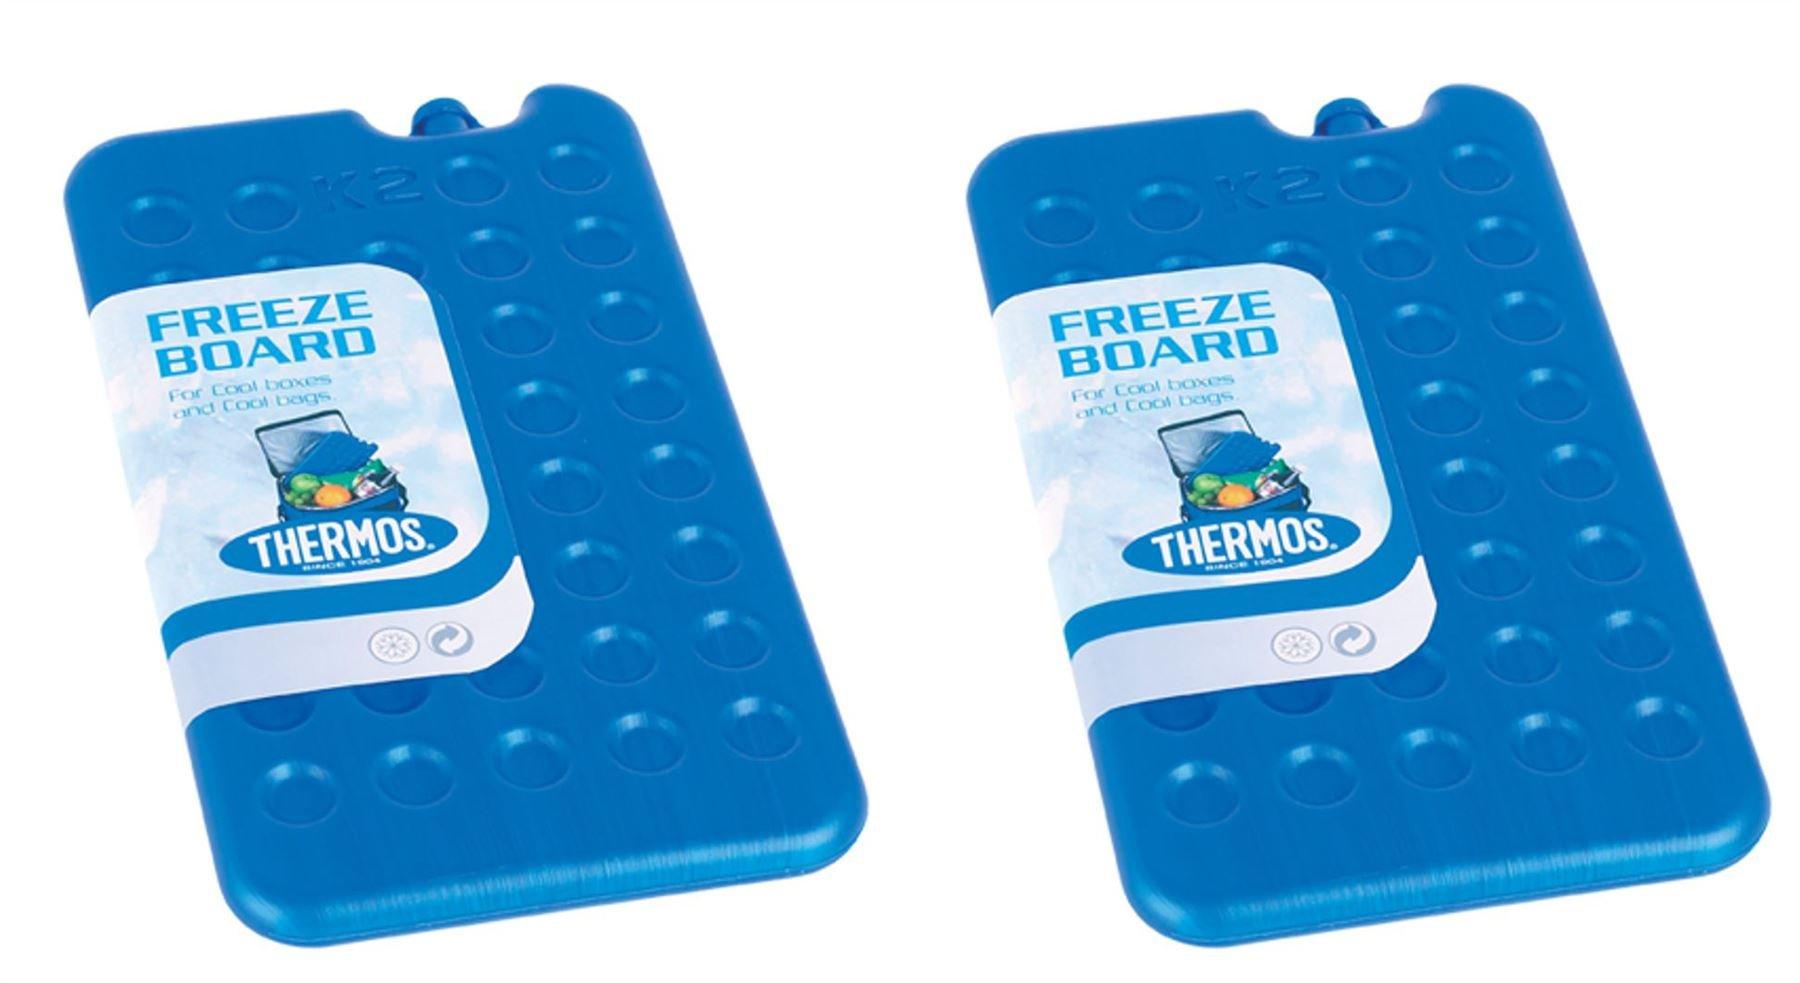 Thermos Cool Bag Hielo Freeze Junta 400 g Pack de 2: Amazon.es: Deportes y aire libre